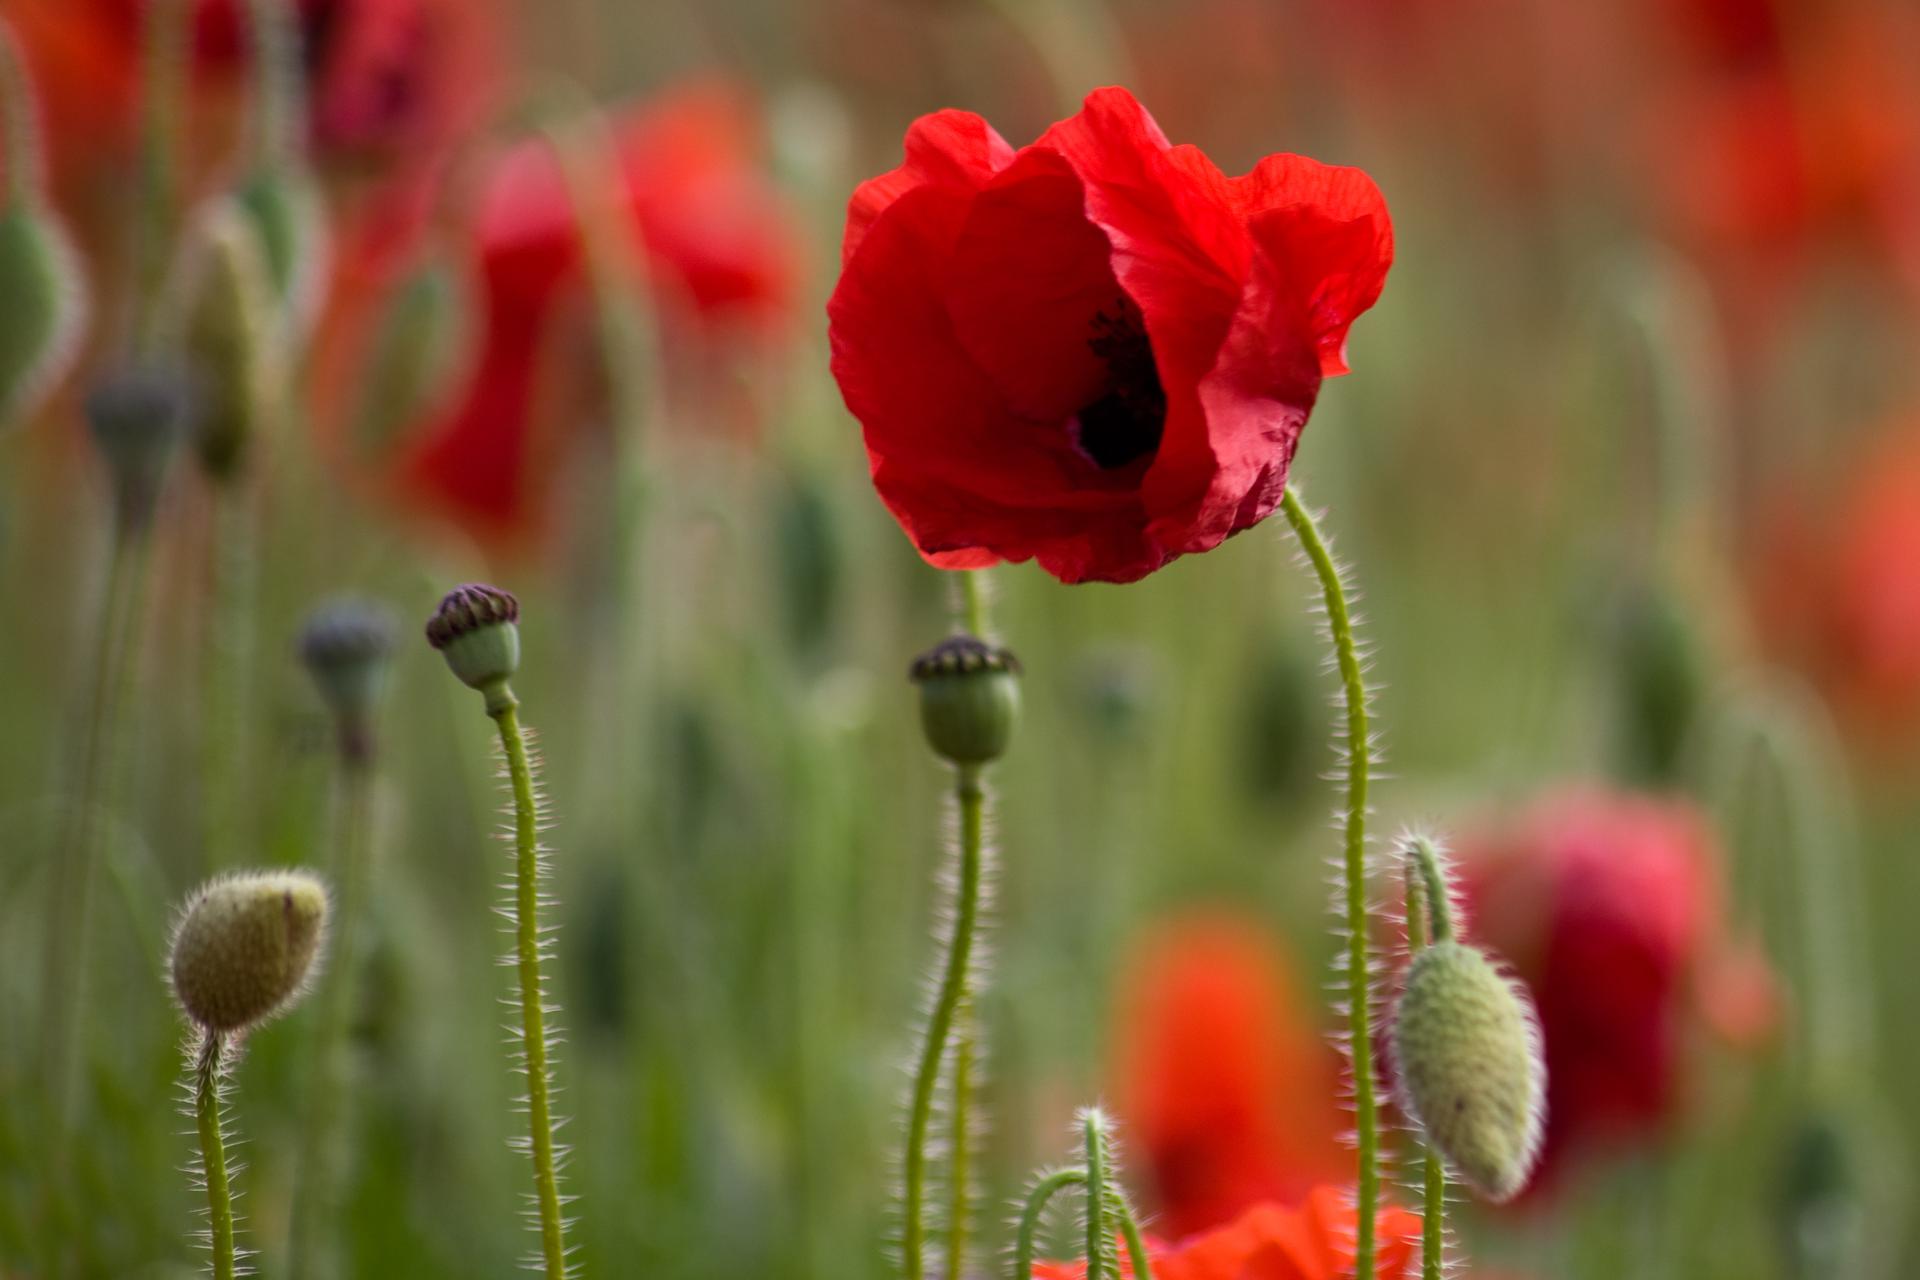 Fotografia przedstawia wzbliżeniu czerwony kwiat maku. Płatki są pomarszczone inie całkiem rozwinięte. Między nimi znajdują się czarne pręciki. Łodyżka kwiatu jest owłosiona. Obok znajdują się dwie wzniesione, zielone makówki idwa pochylone, owłosione pąki. Wtle rozmazany , zielono czerwony obraz innych maków.